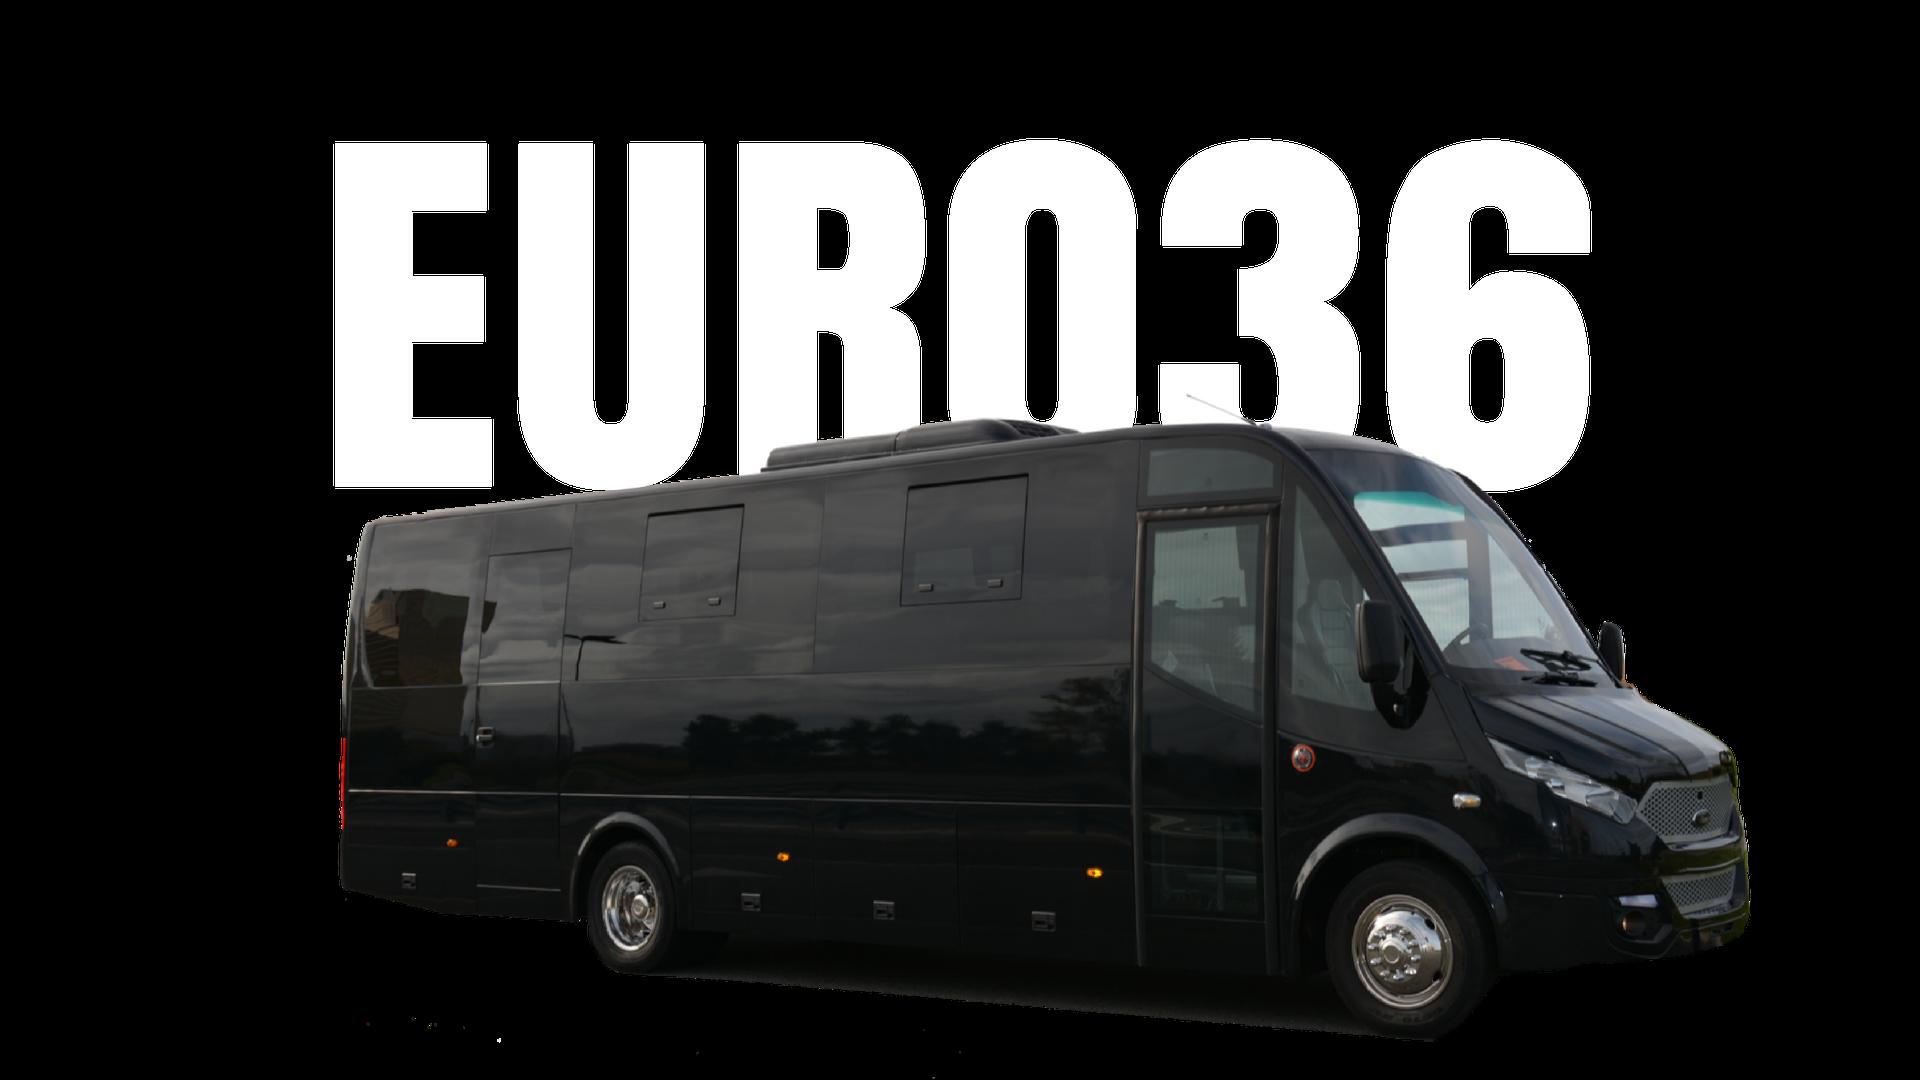 Euro 36